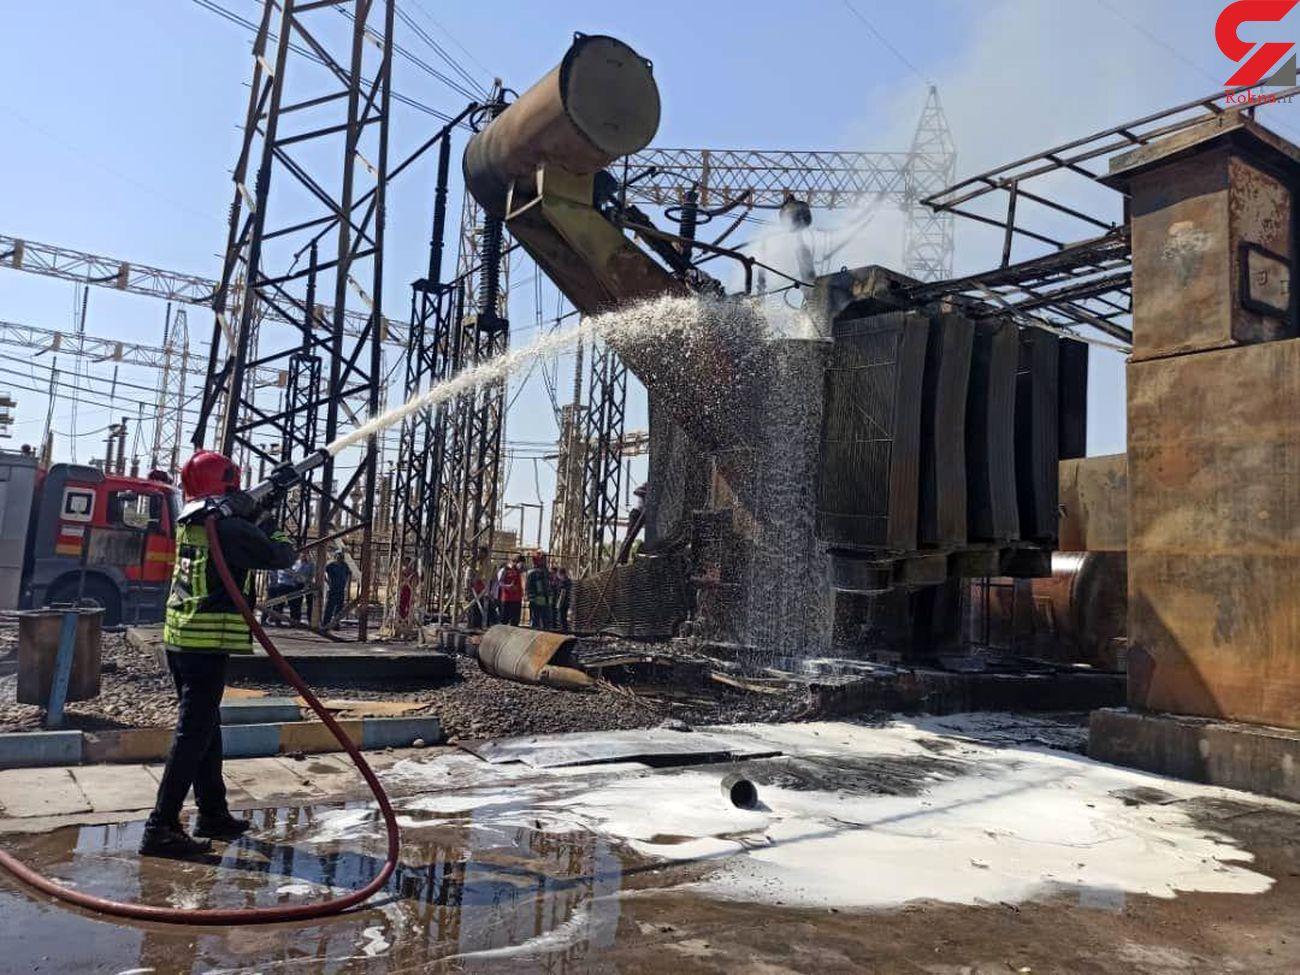 پشت پرده حادثه انفجار نیروگاه برق اهواز / علت اصلی چه بود؟+ فیلم